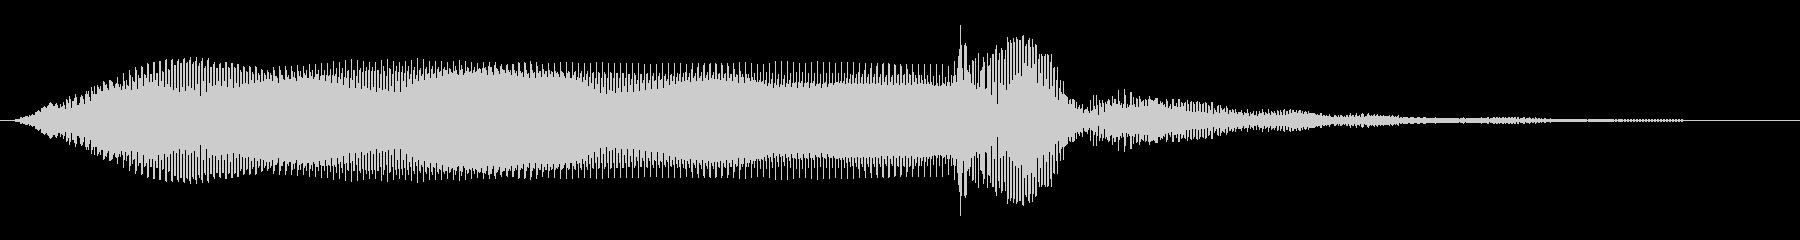 ランドローバーディフェンダー90フ...の未再生の波形